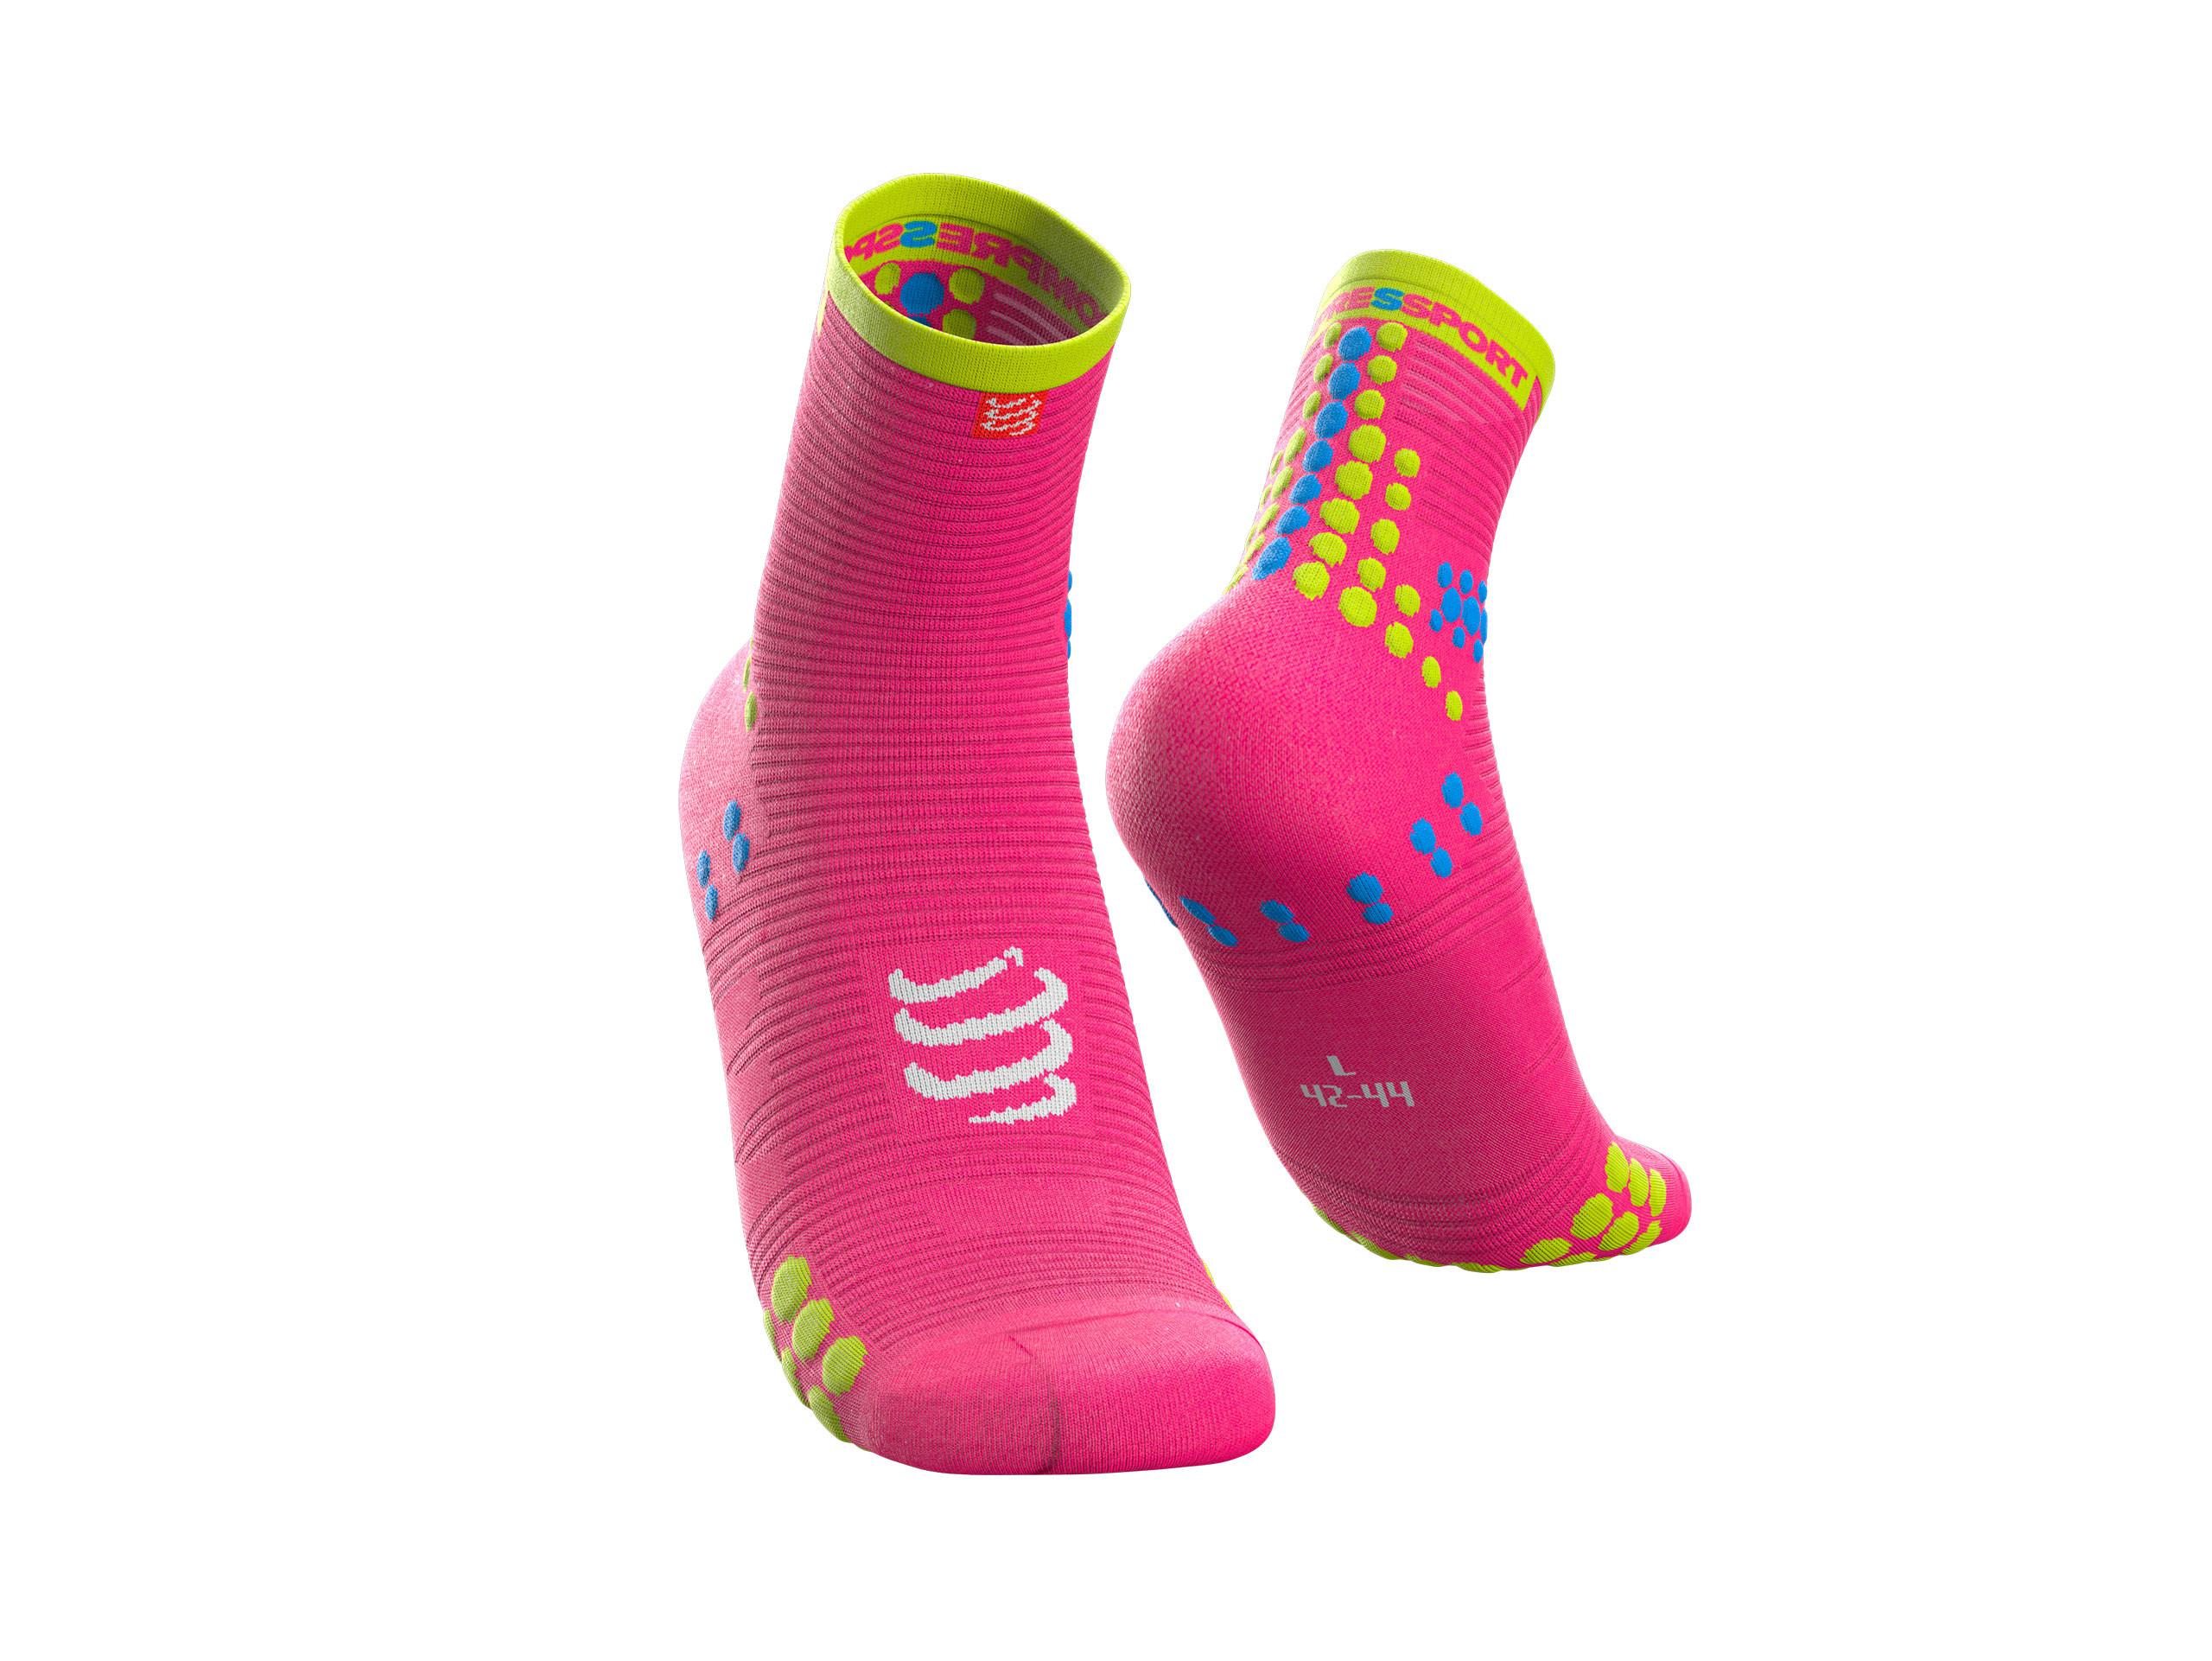 Calcetines deportivos pro v3.0 Run High rosa flúor